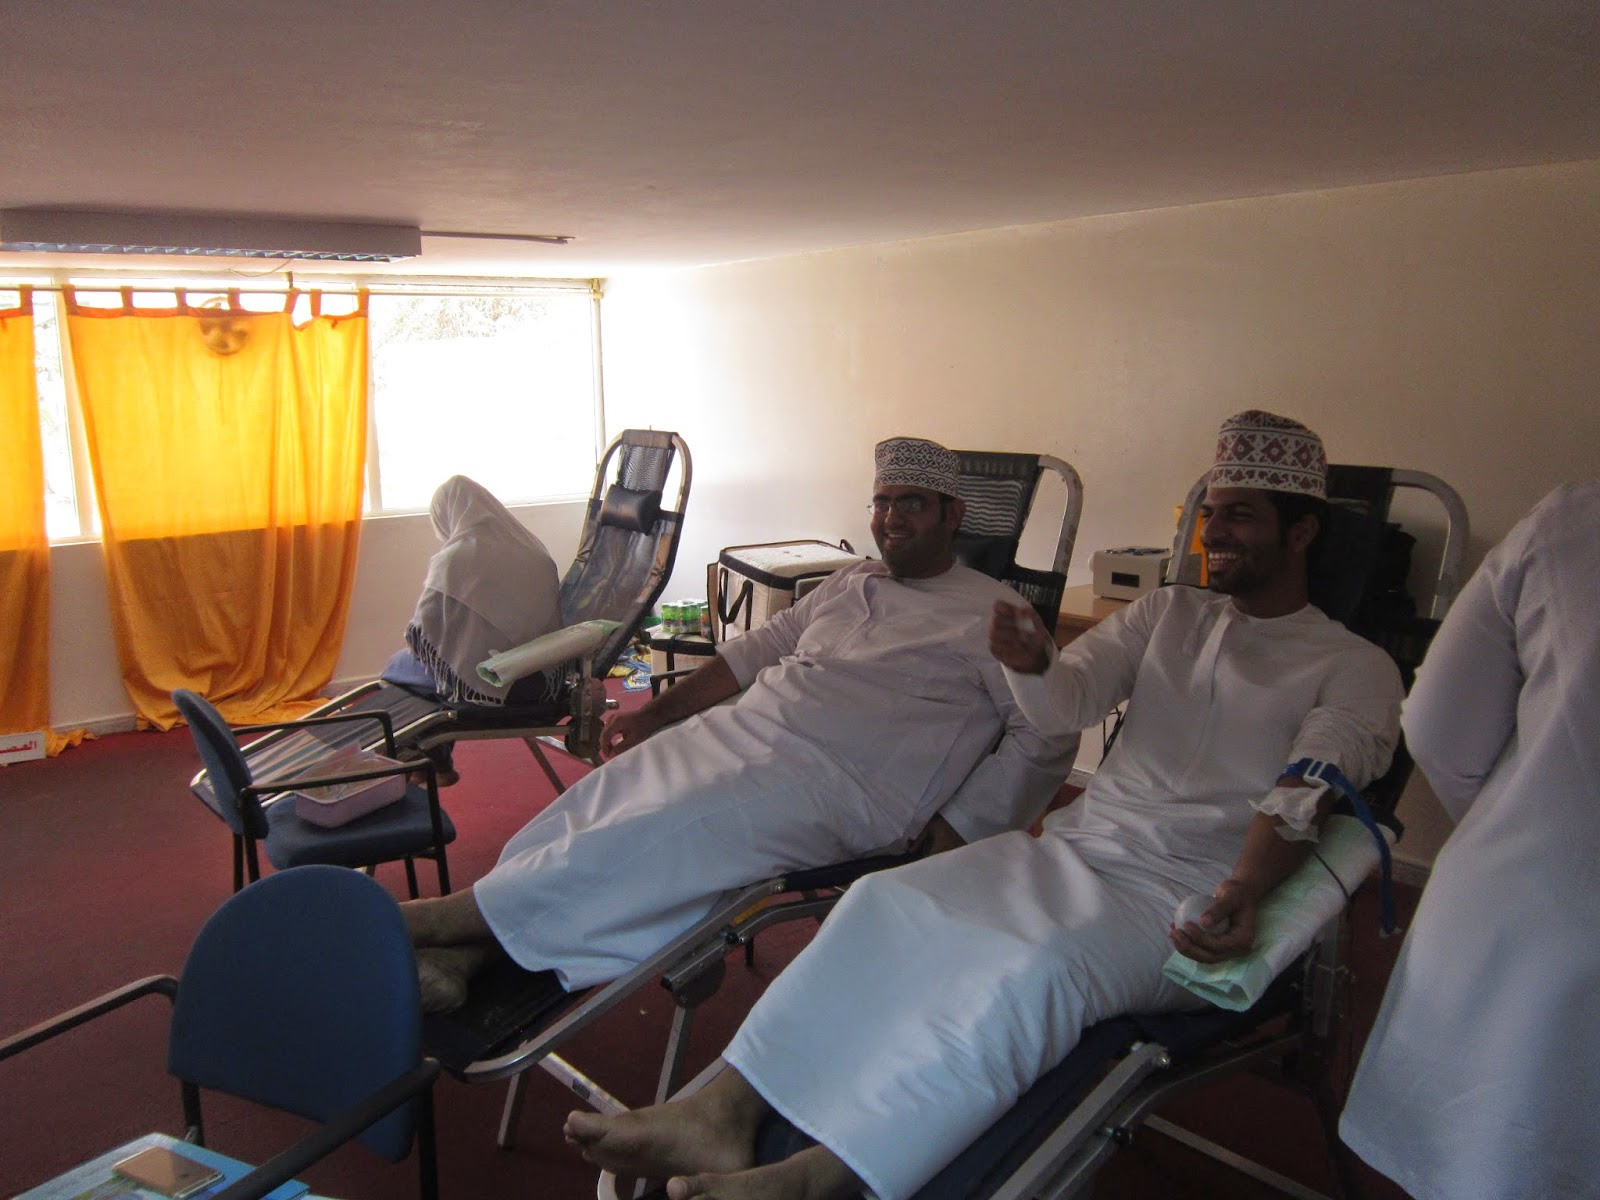 قناة اخبار بركاء : حملة تبرع بالدم في حرم كلية عُمان ...